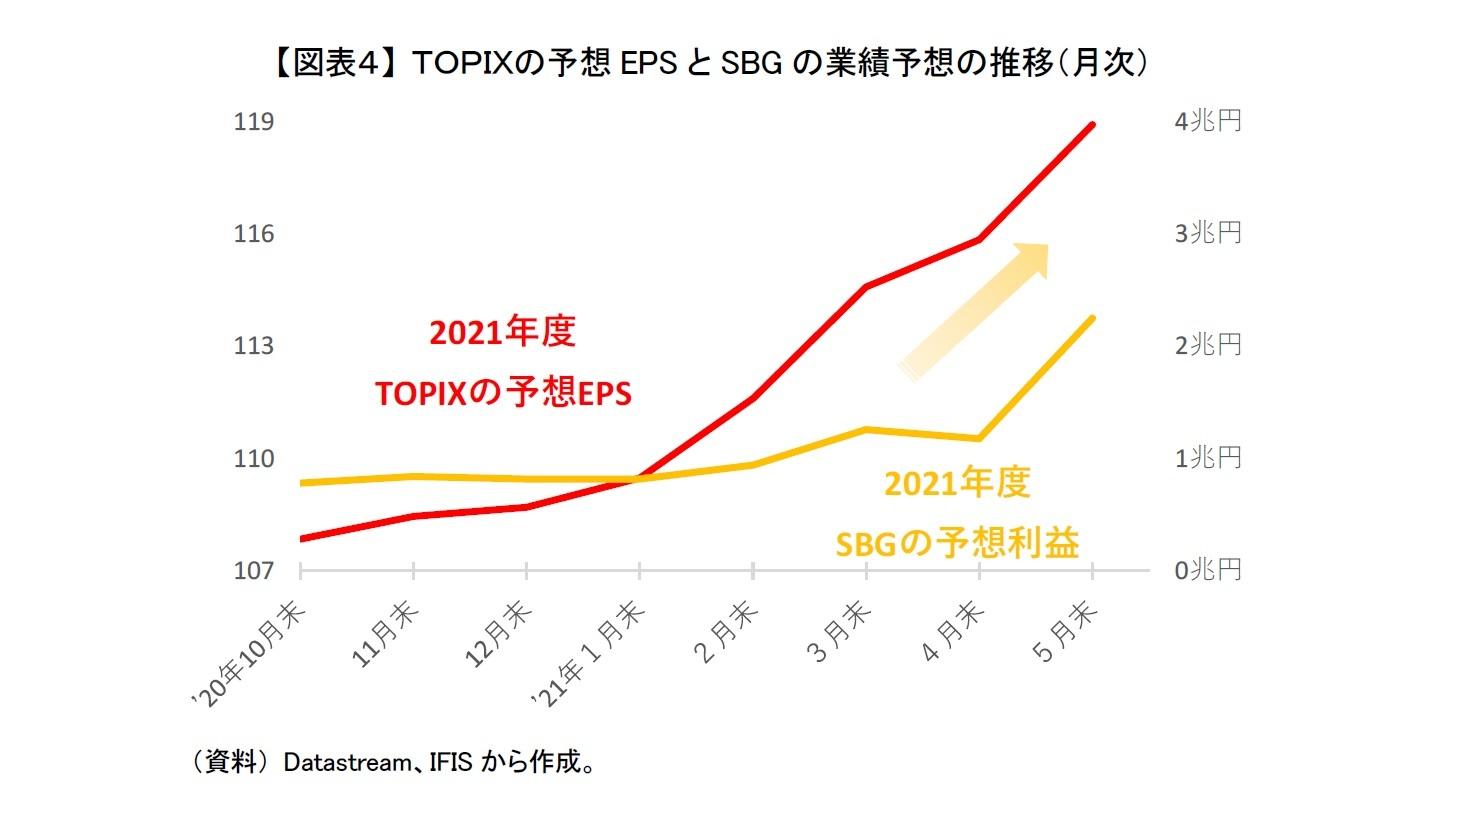 【図表4】 TOPIXの予想EPSとSBGの業績予想の推移(月次)